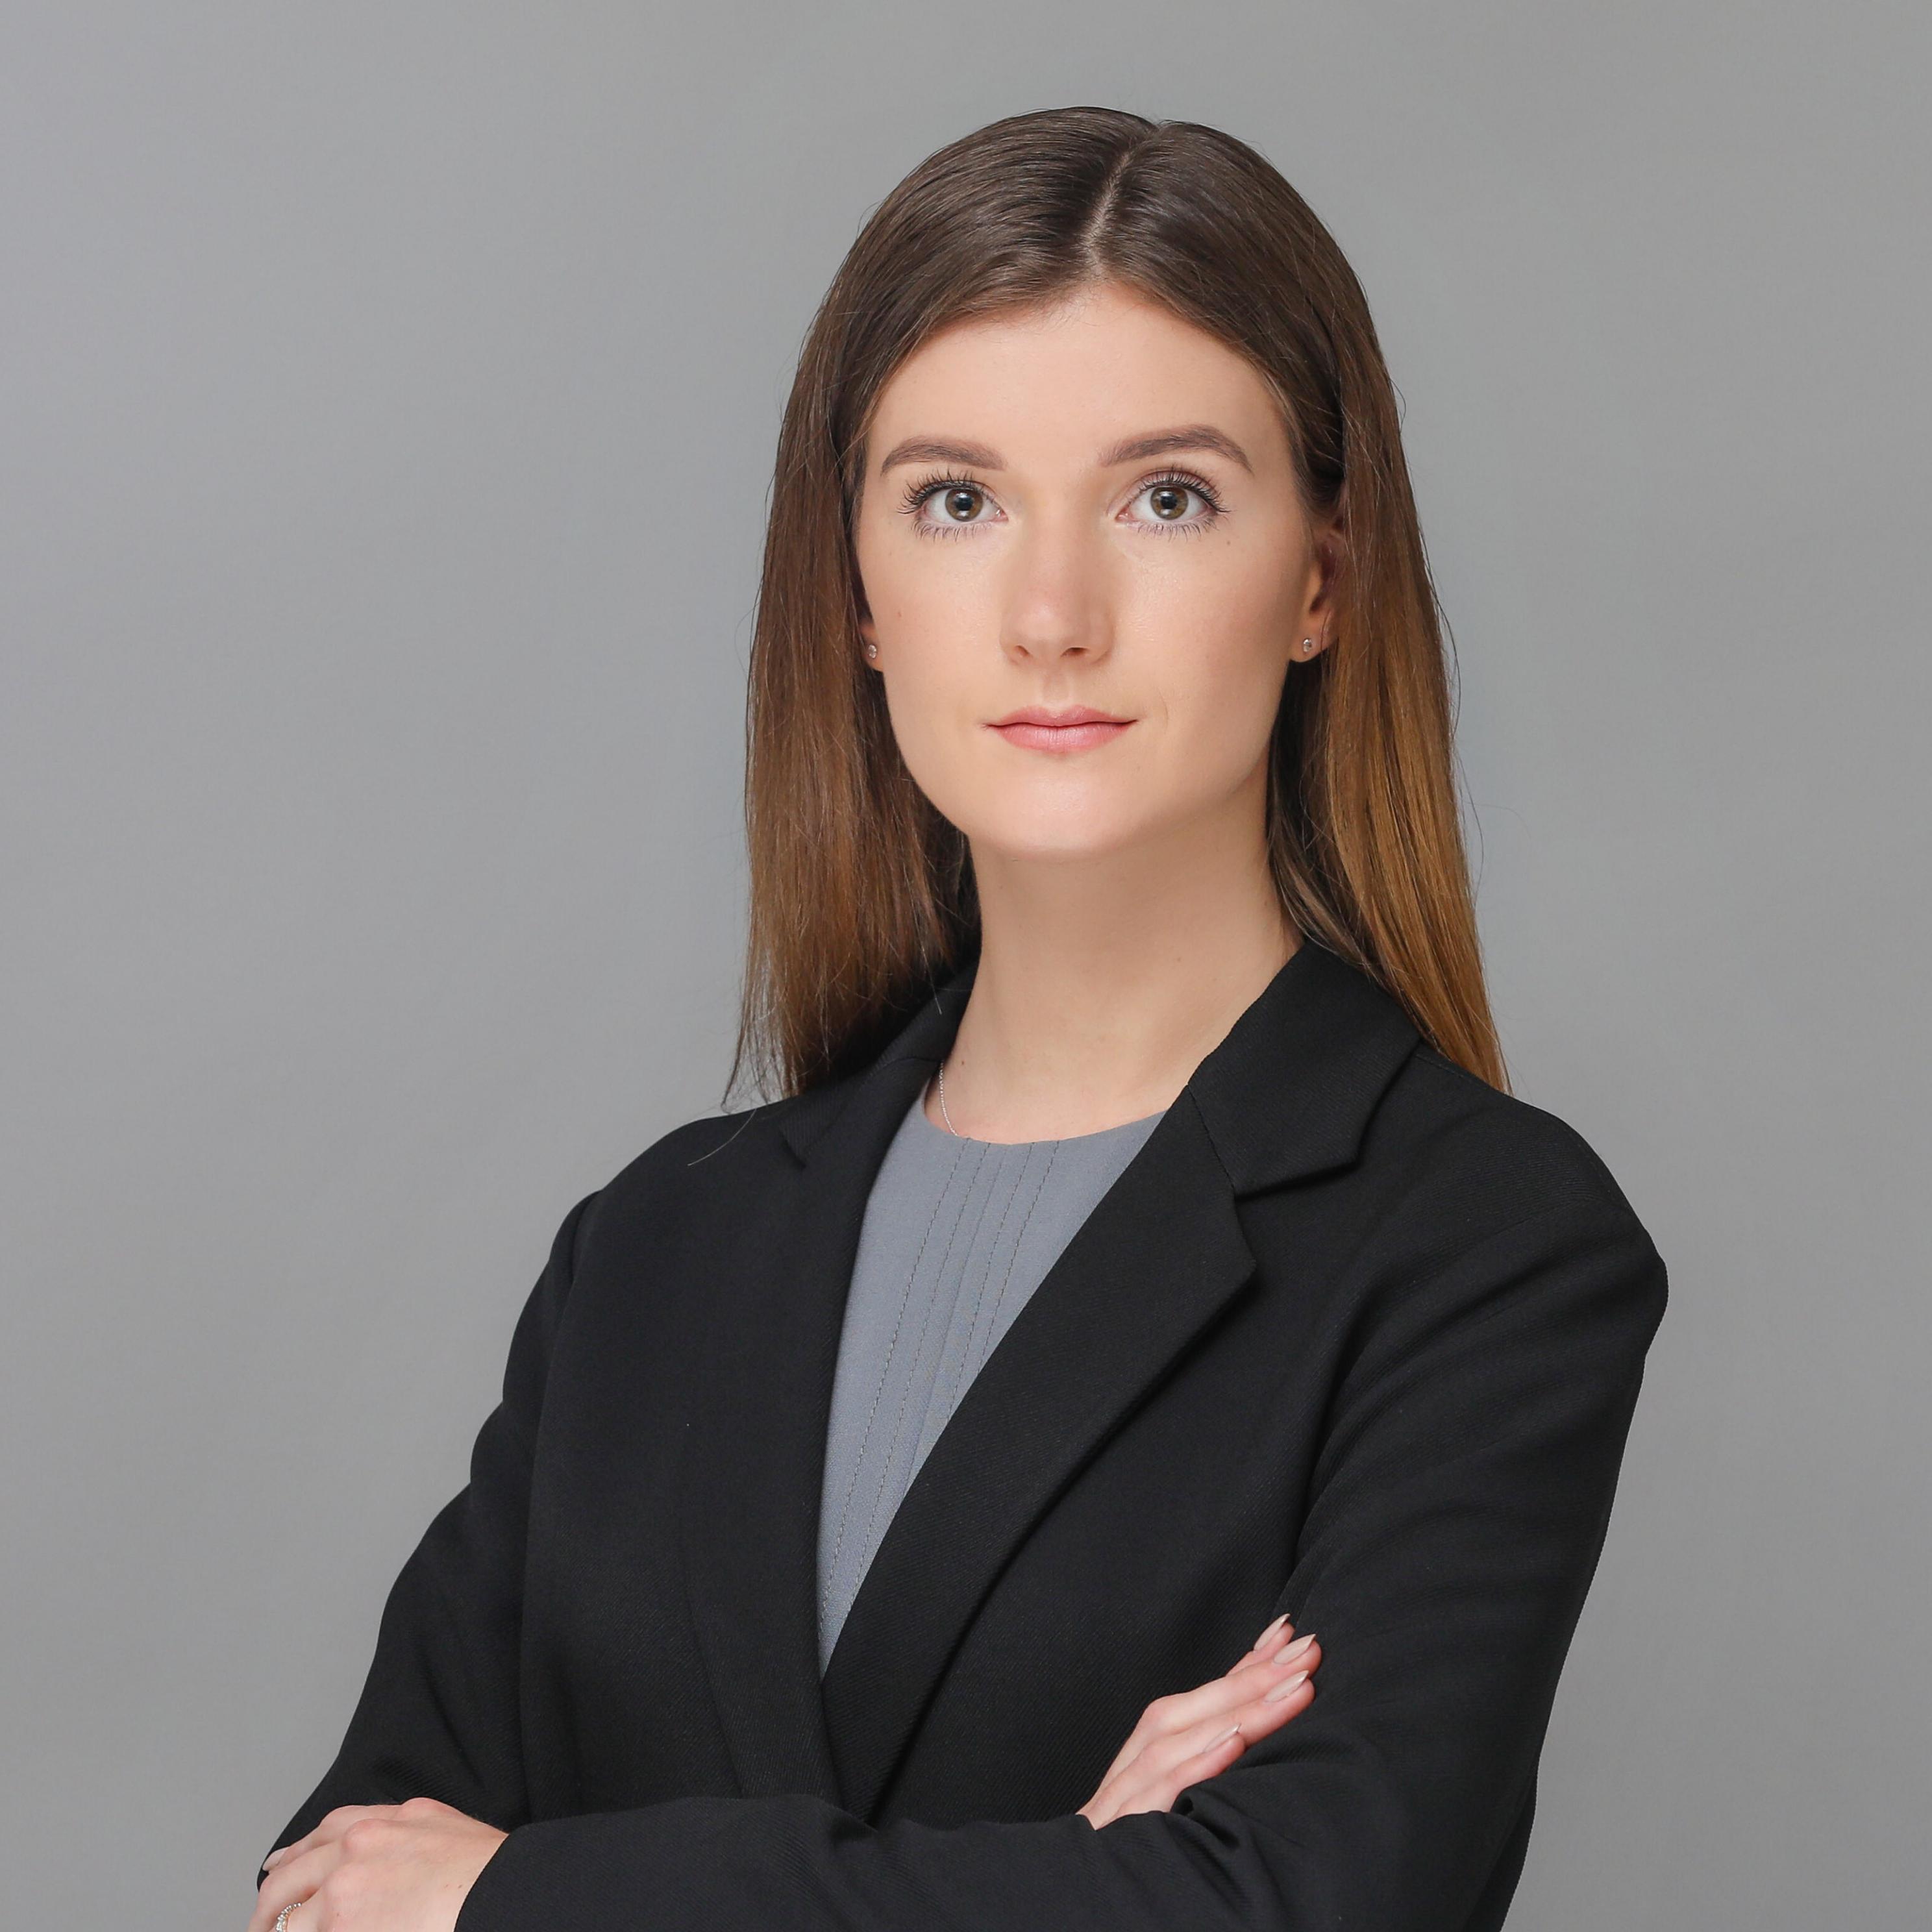 Gerda Tautkuvienė